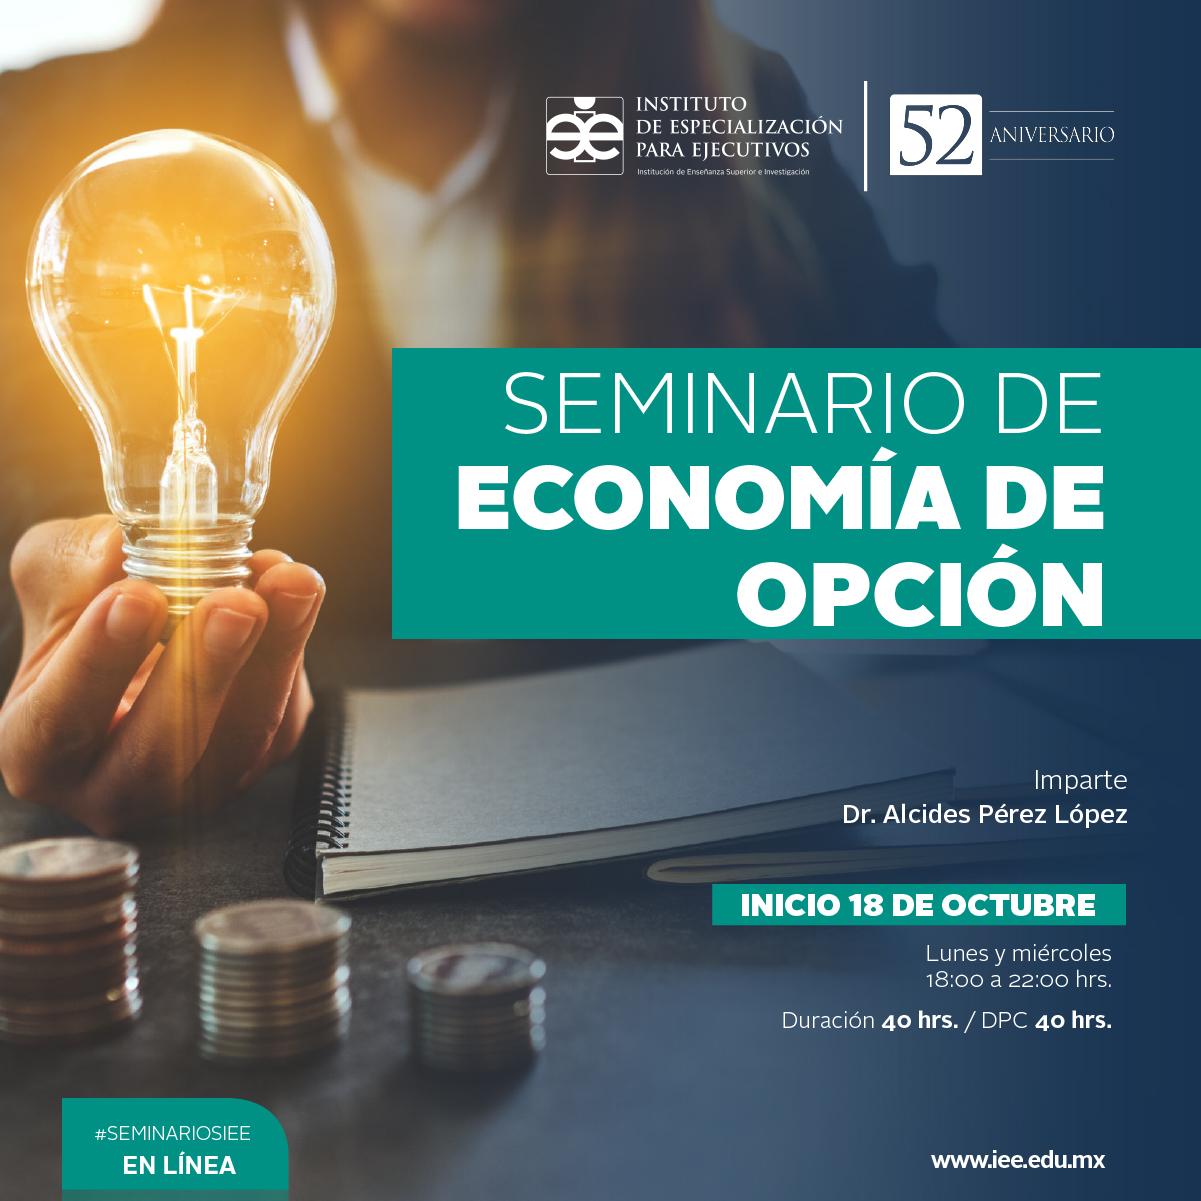 Seminario en Línea en Economía de Opción